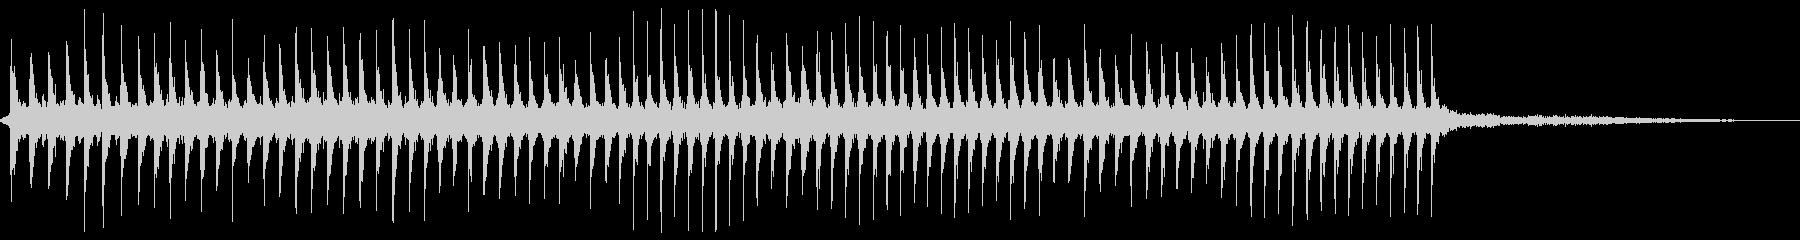 建設中のロックブレーカー(油圧)の未再生の波形